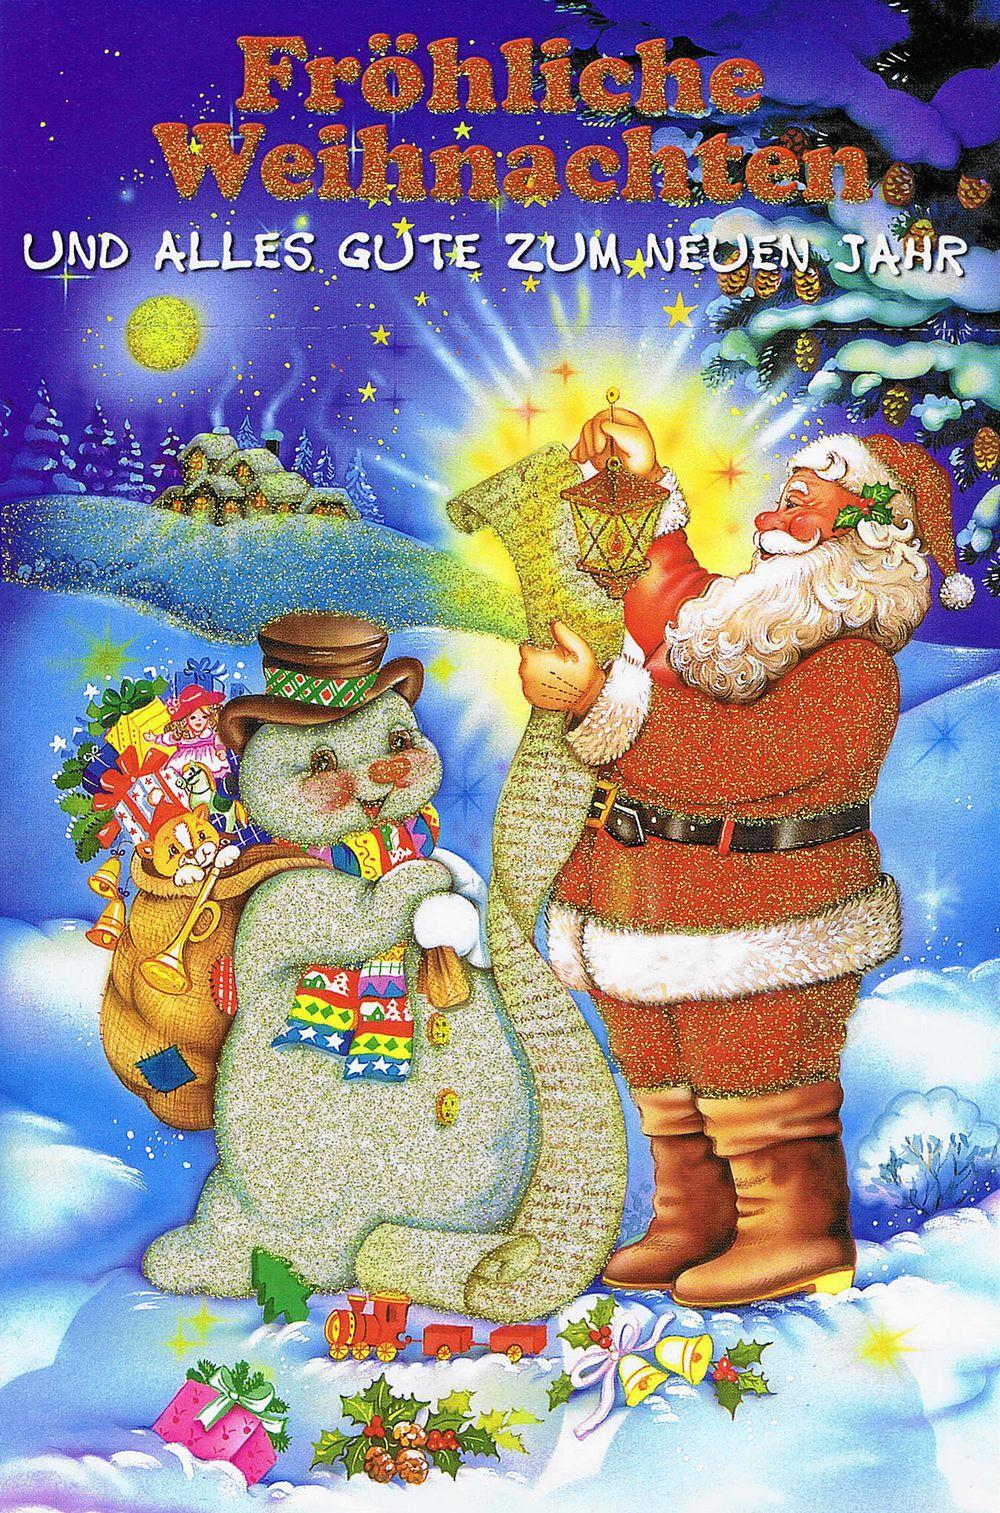 Weihnachtskarte mit Glimmer 223683 Weihnachtsmannmotiv